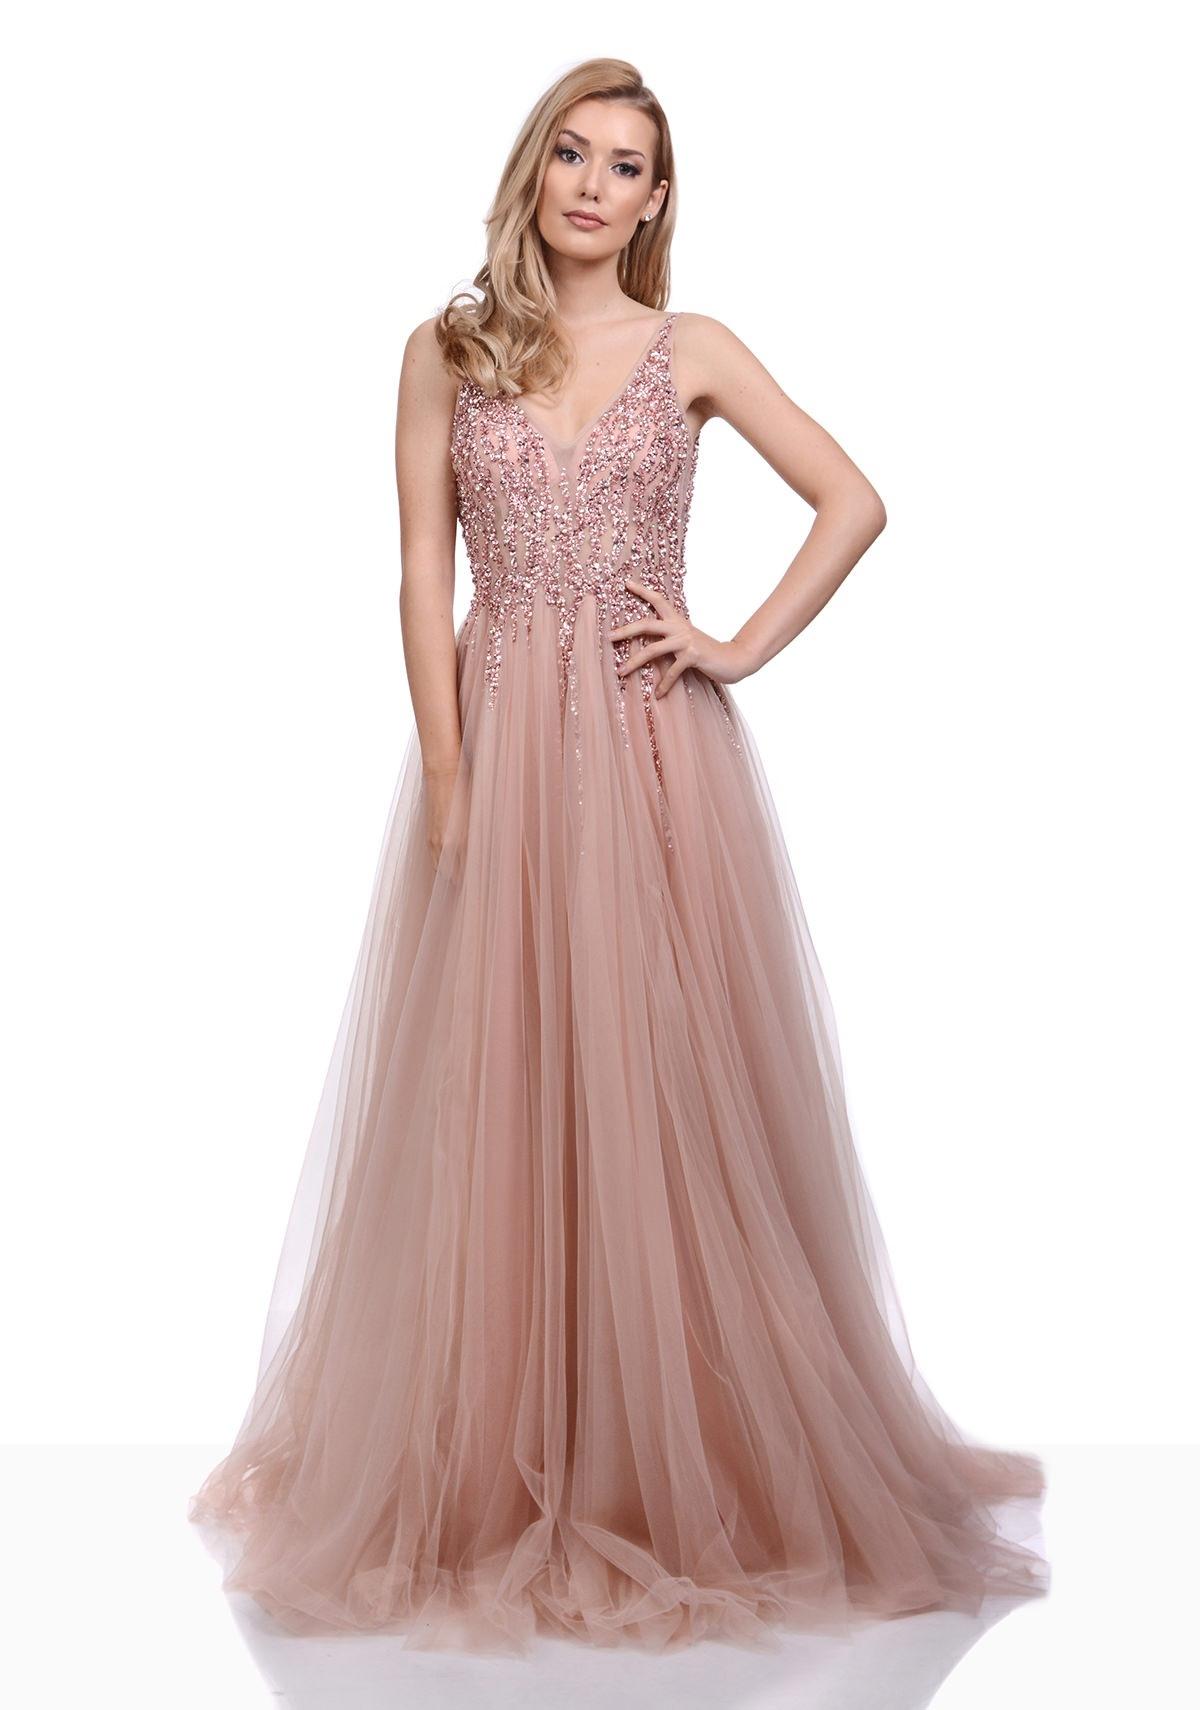 10 Wunderbar Kleid Lang Glitzer Spezialgebiet10 Ausgezeichnet Kleid Lang Glitzer für 2019